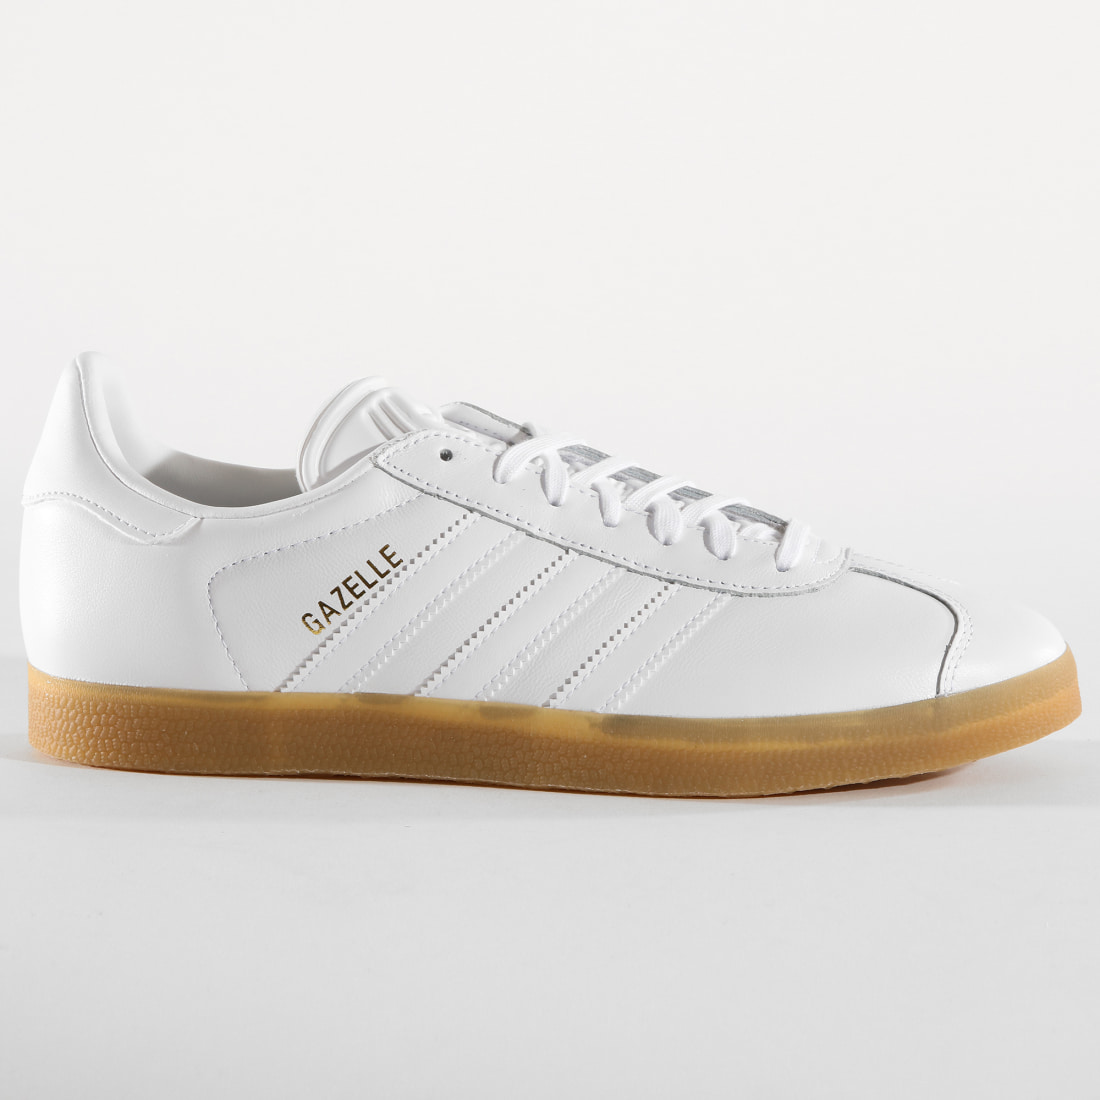 فعل تلطيخ فيكتور adidas originals gazelle semelle blanc case ...